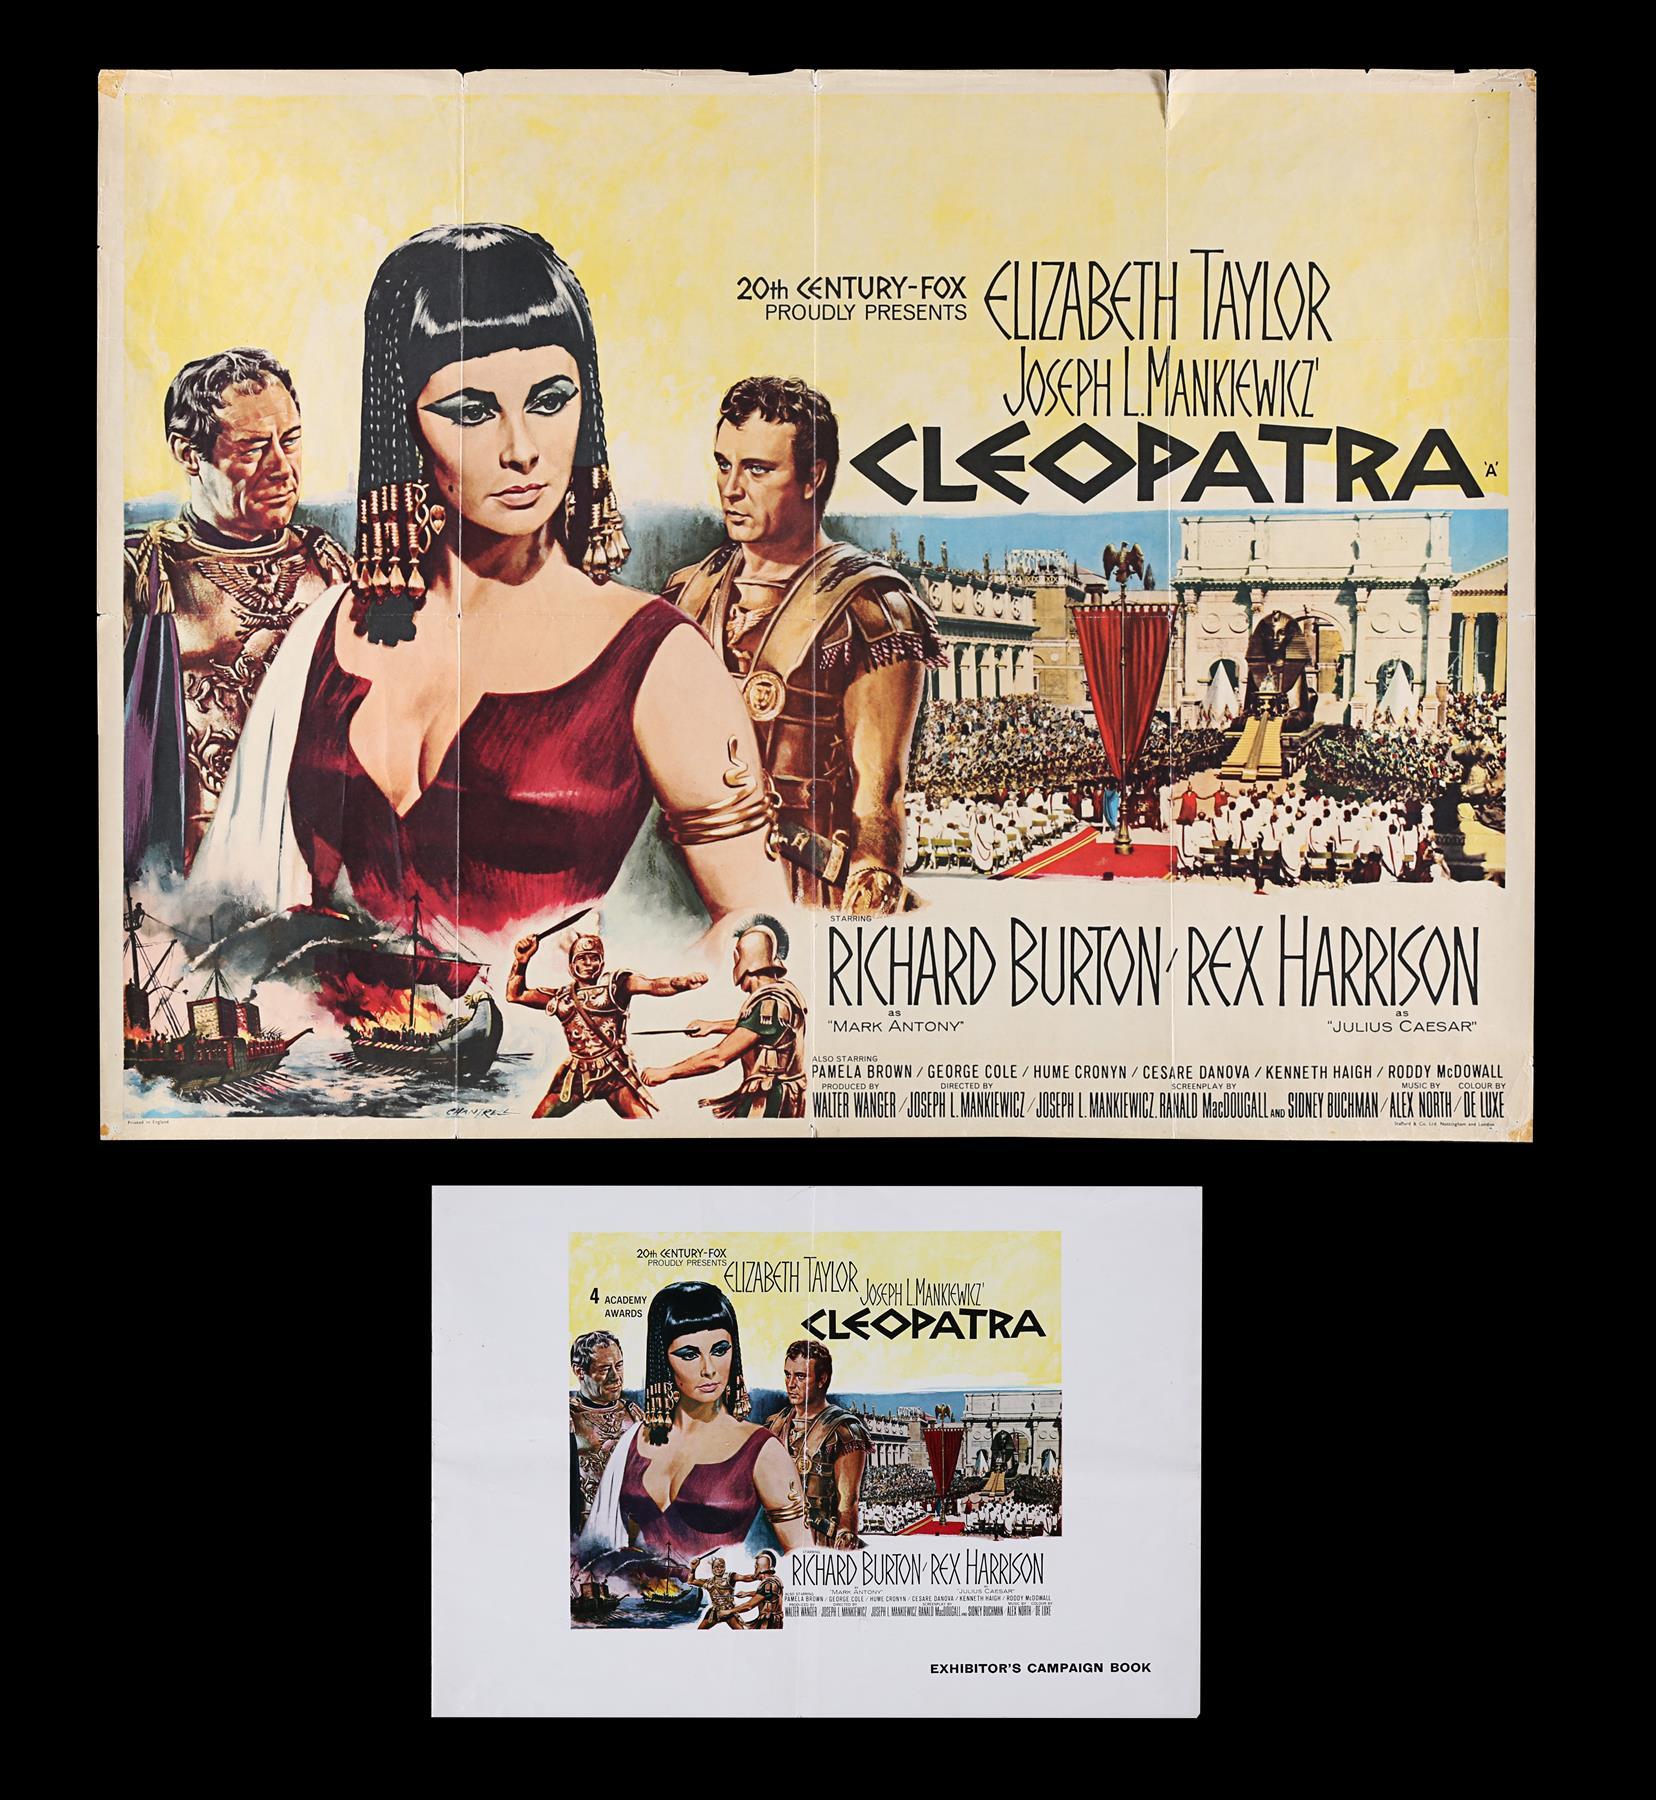 CLEOPATRA (1963) - UK Quad and Exhibitors Campaign Book, 1963